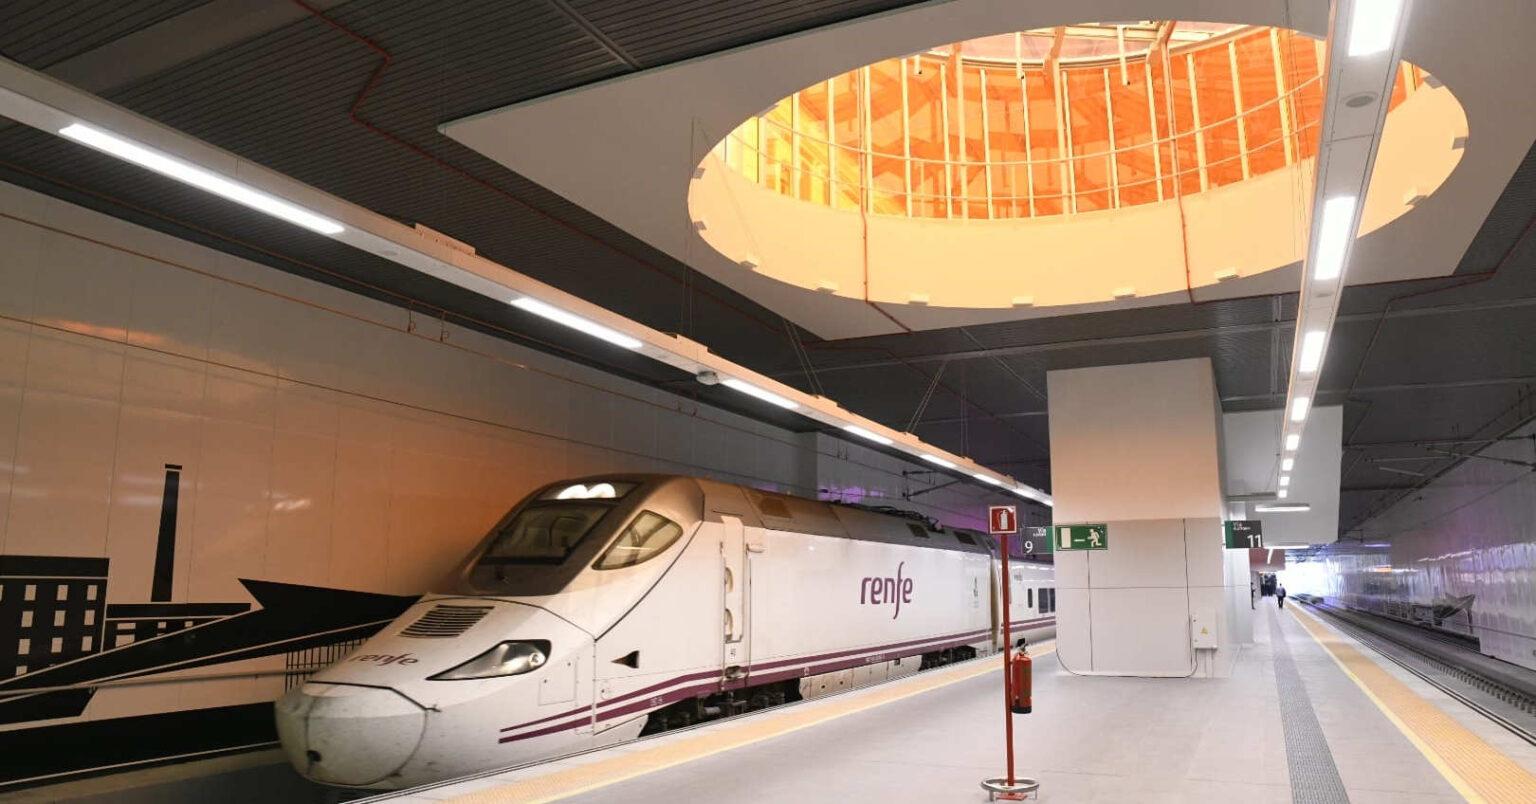 Tren Alvia de la serie 130 estacionado en la vía 9 de la nueva estación de León. © ADIF.